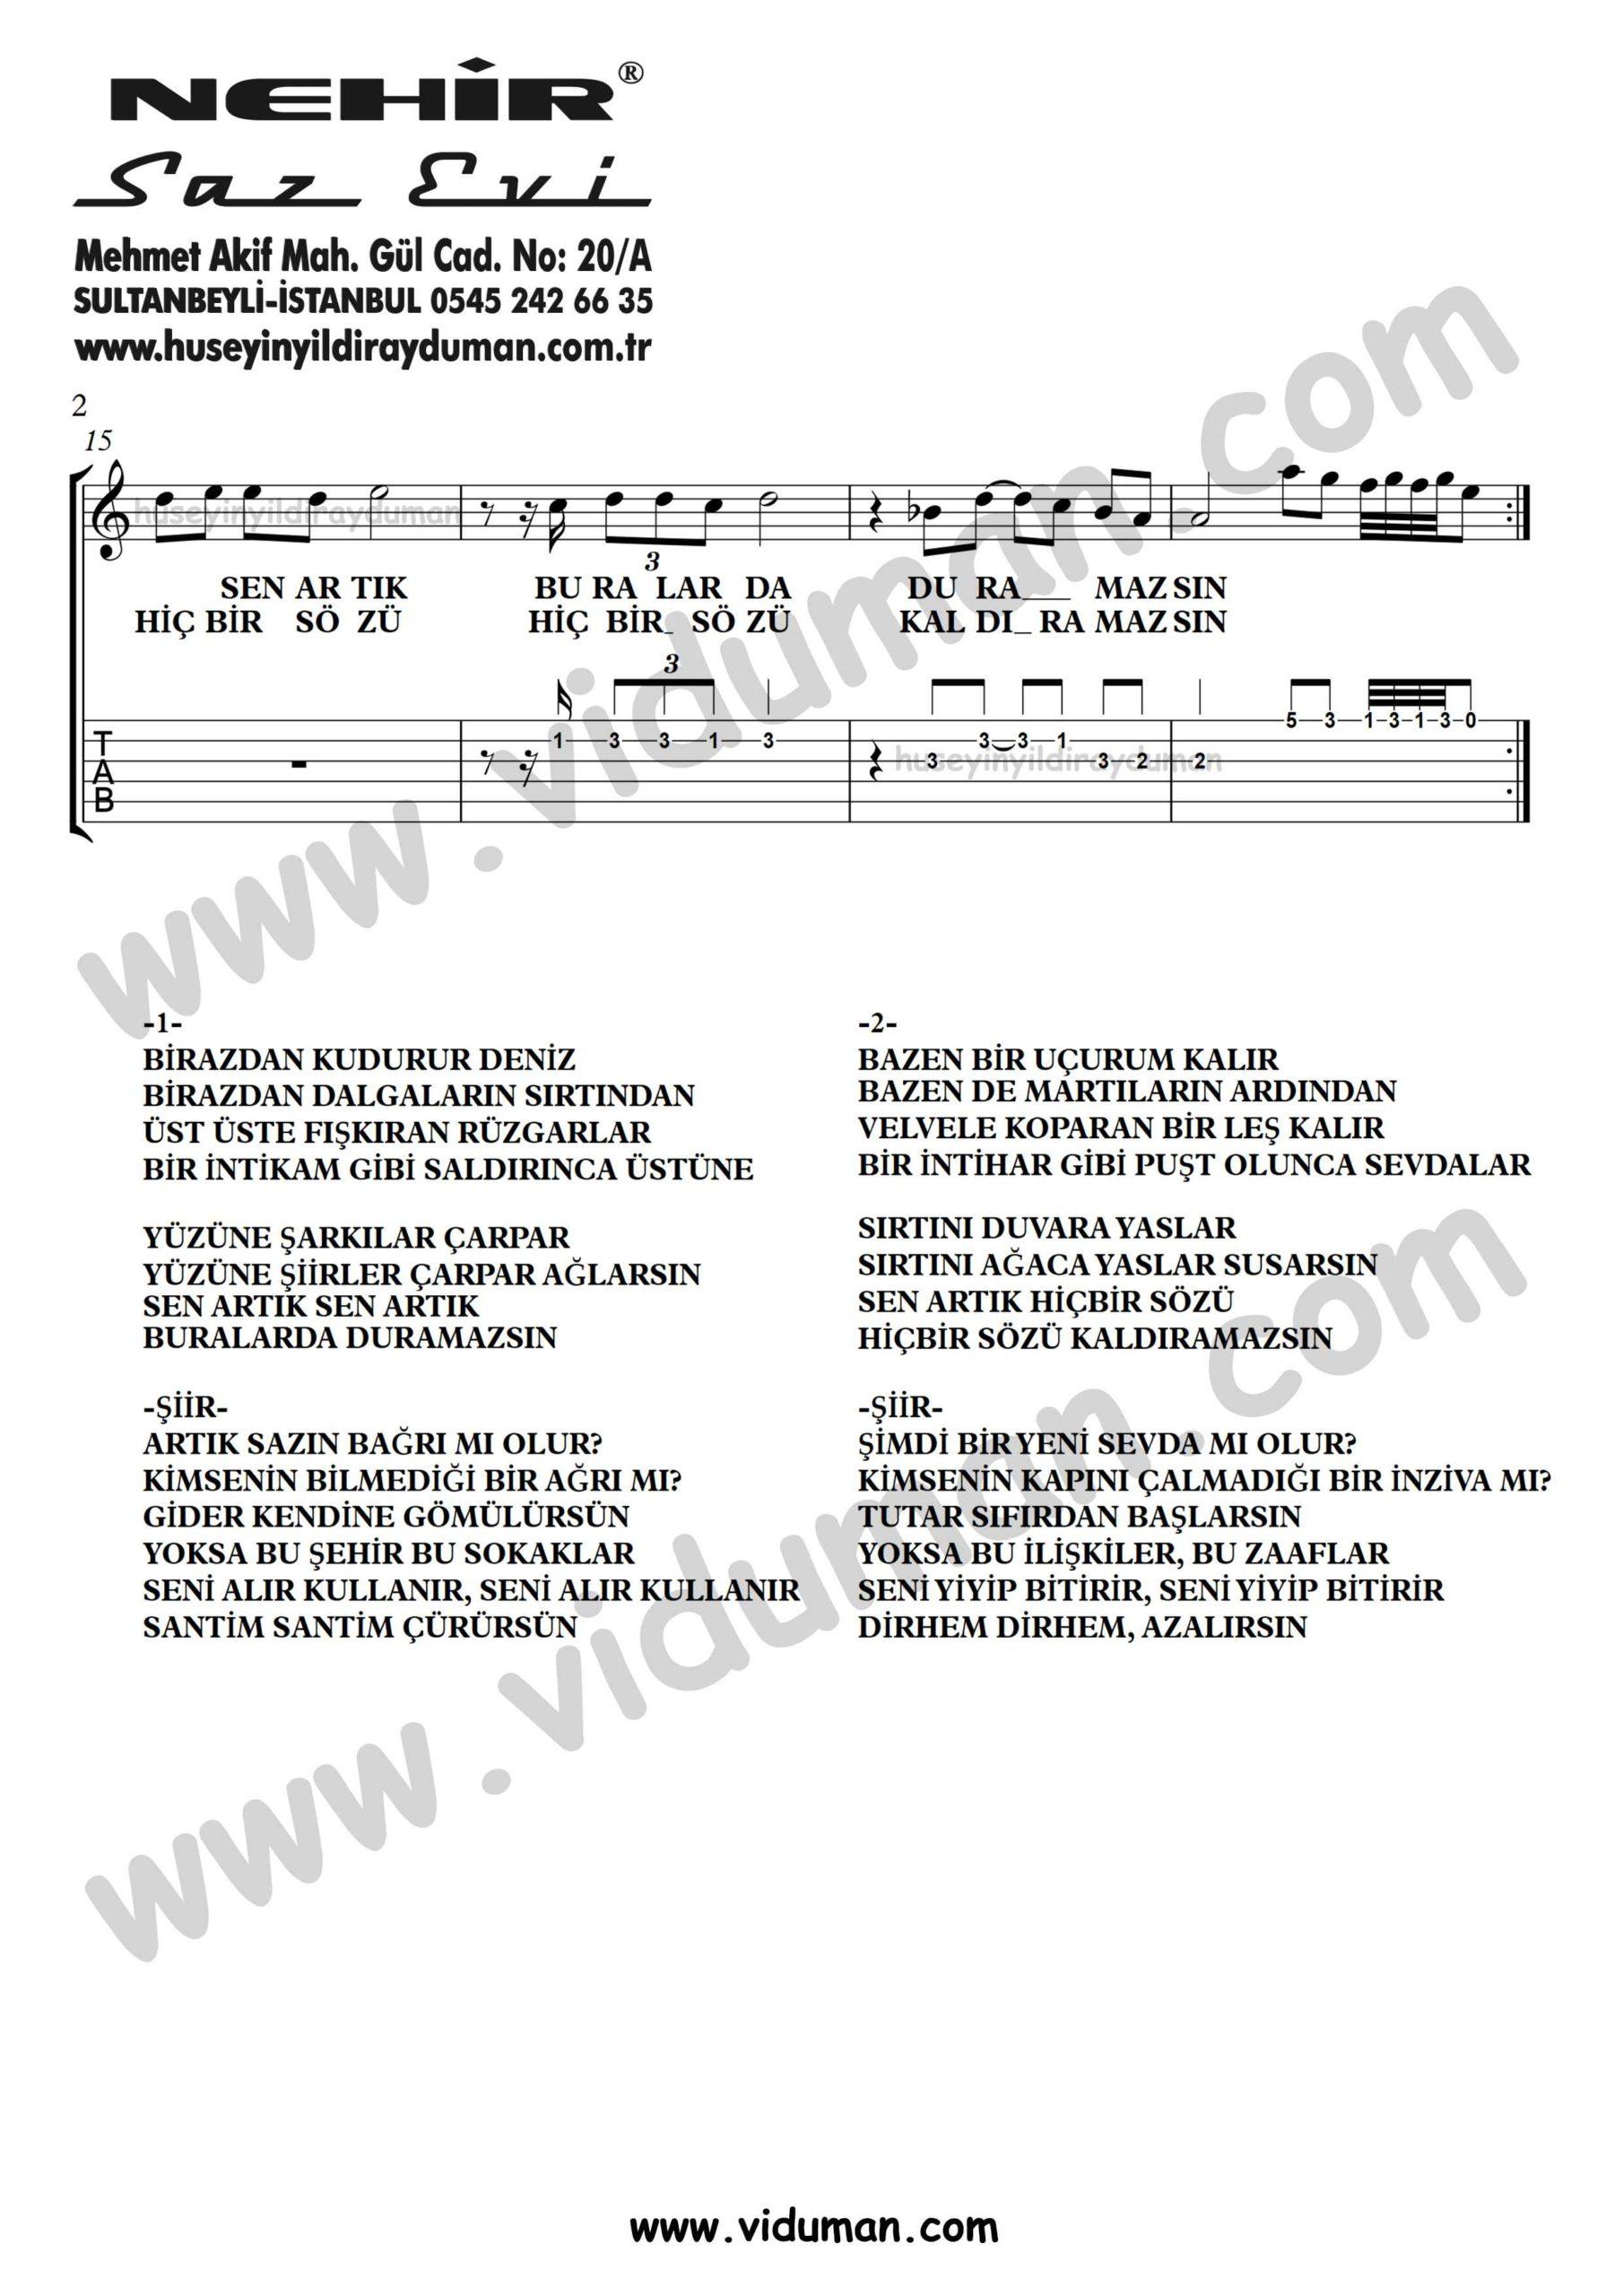 Birazdan Kudurur Deniz_2-Ahmet Kaya-Gitar Tab-Solo Notalari